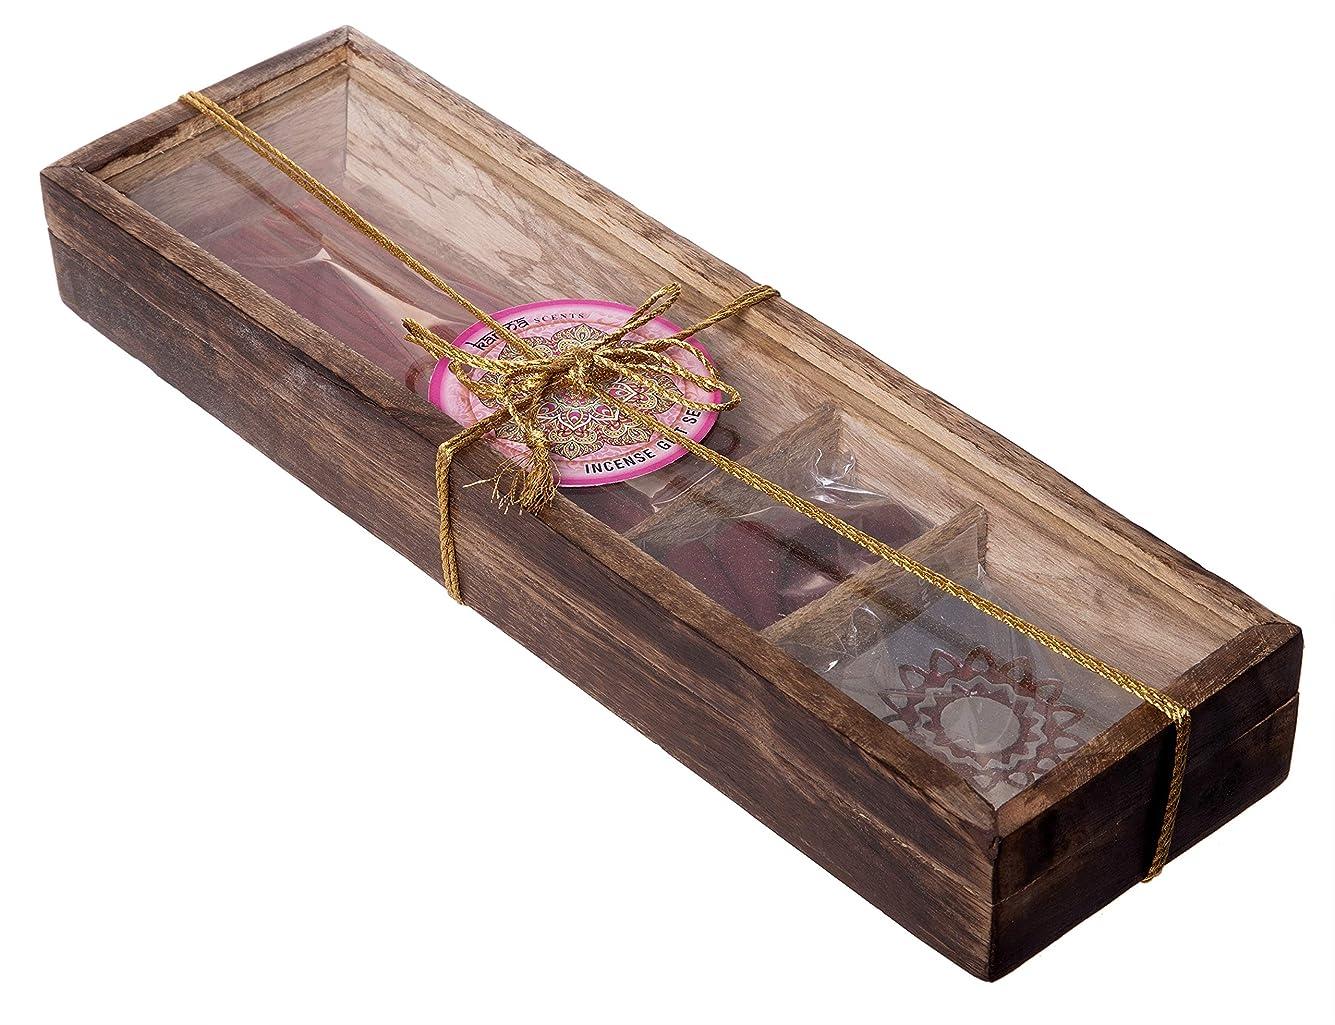 経度地震見えるKarma Scents プレミアム木製お香ギフトセット – 30本 – コーン10本と香ホルダースタンド